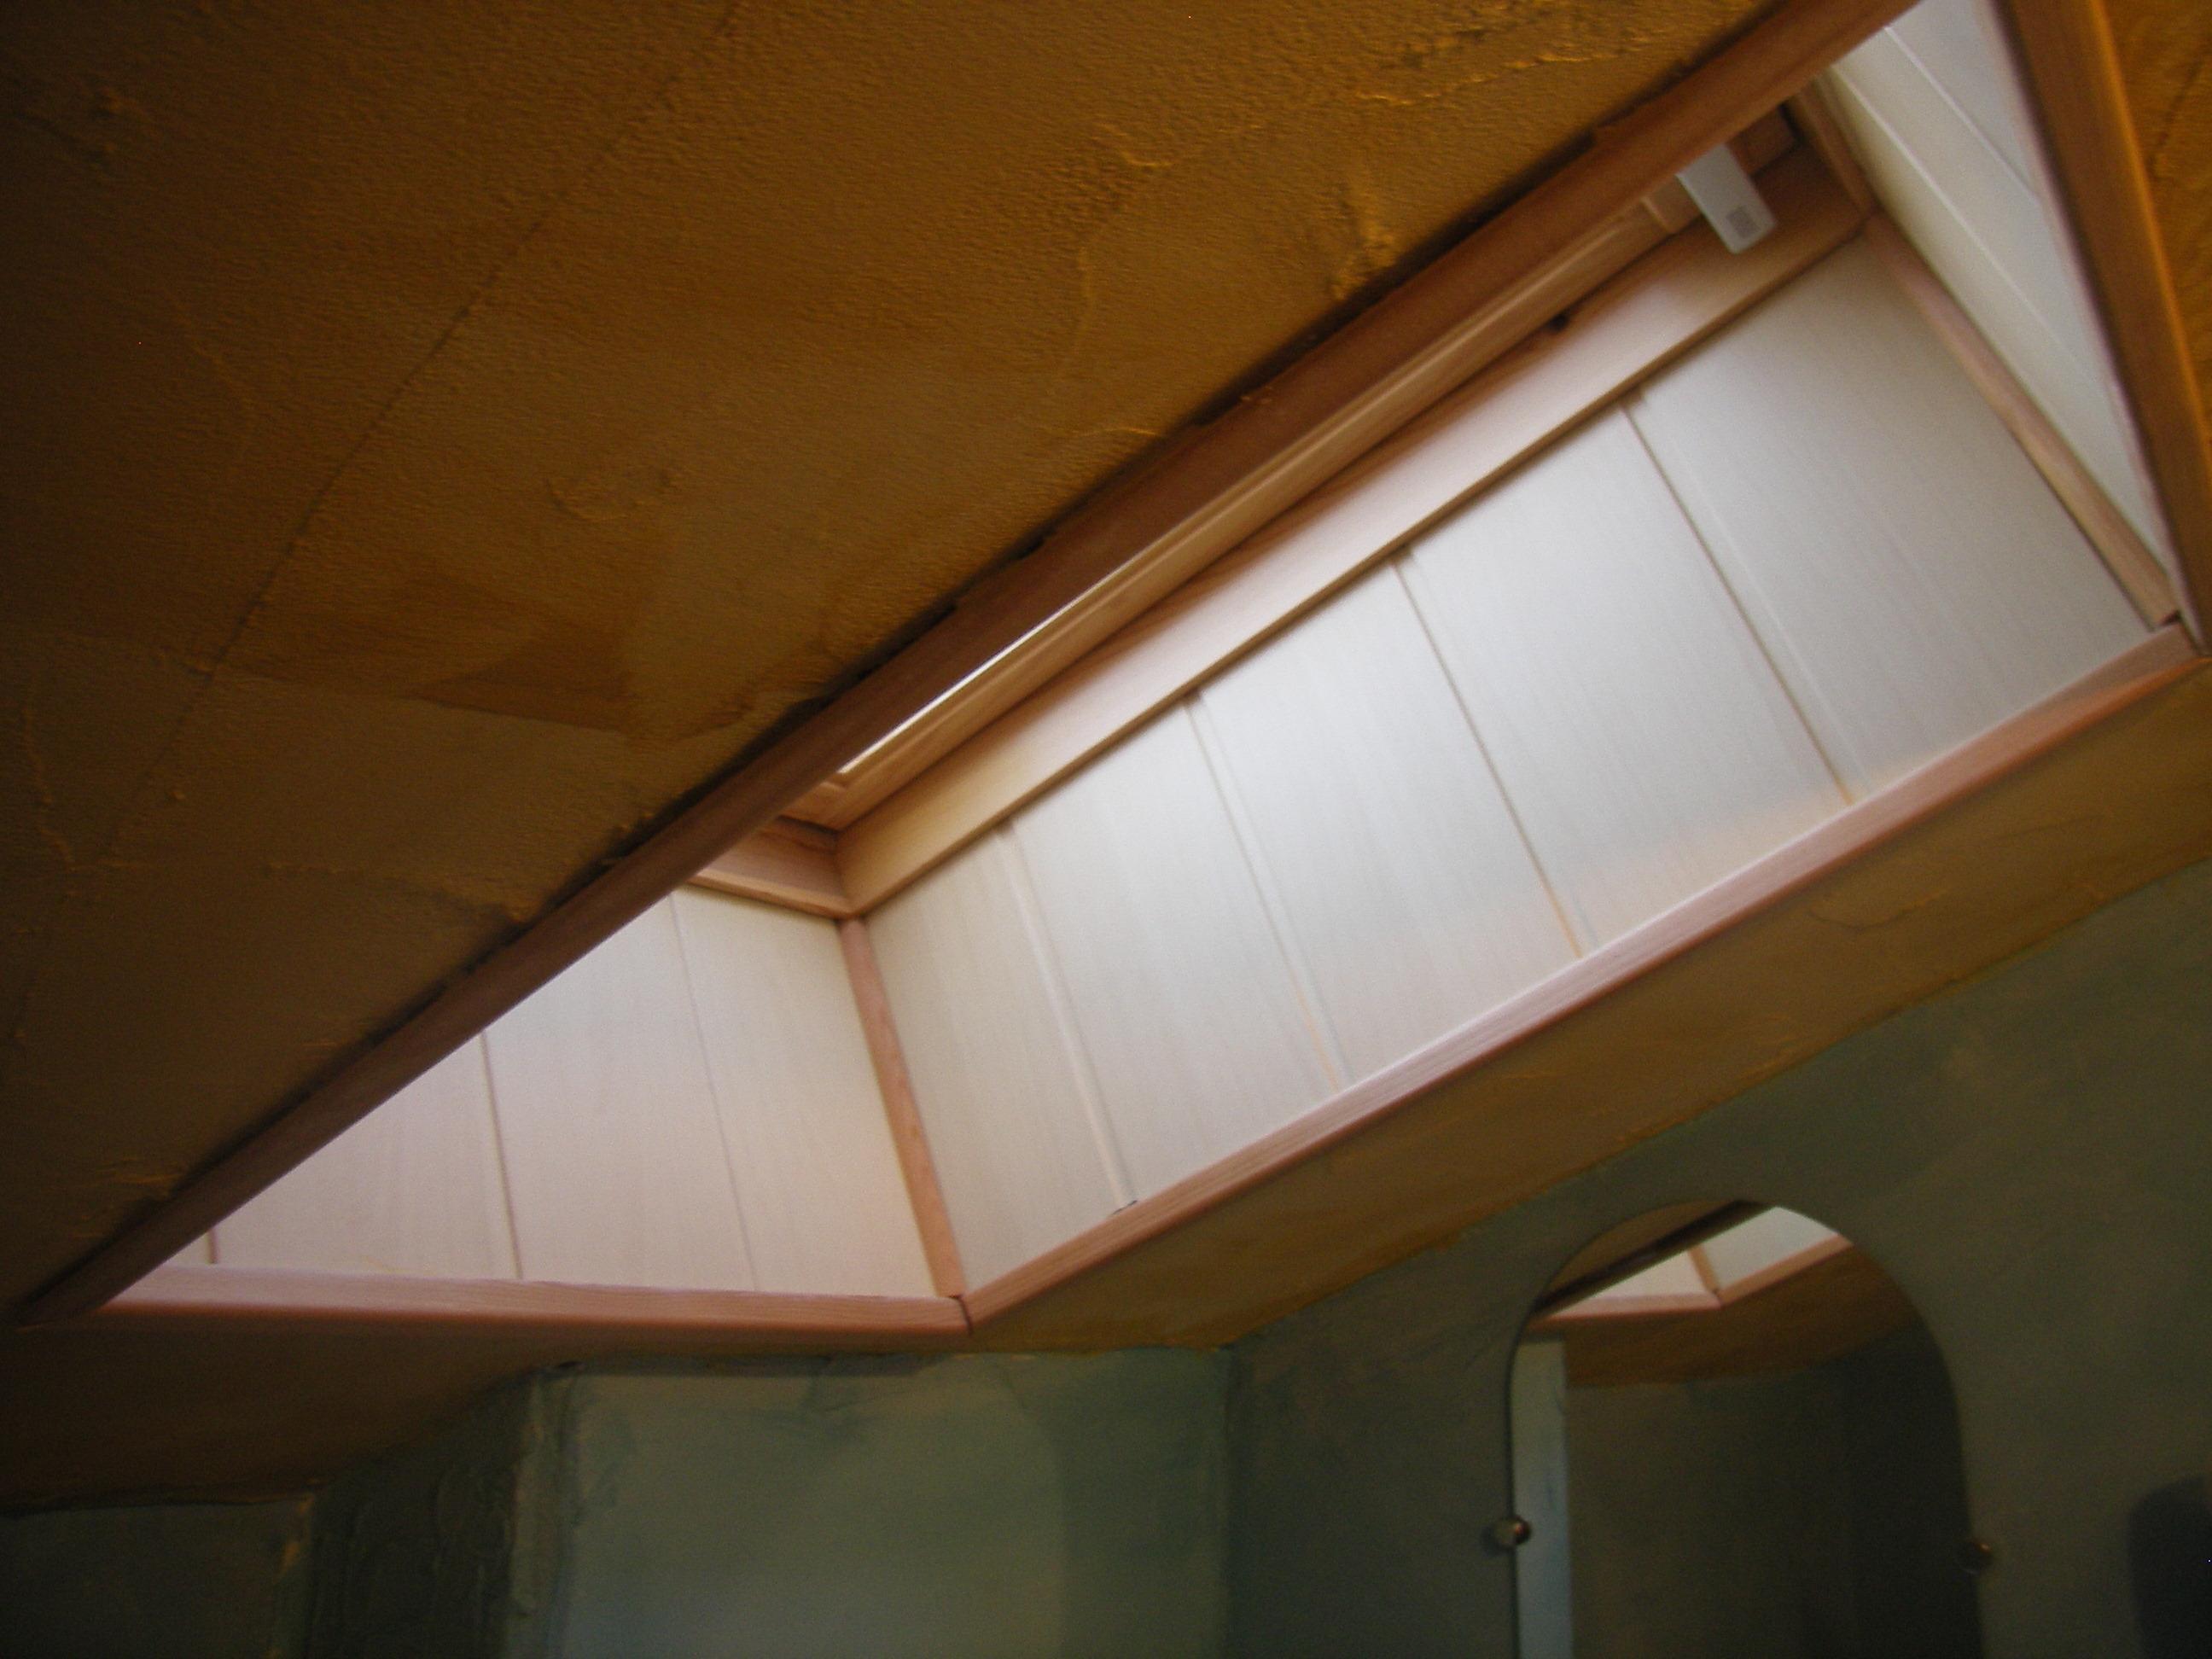 encadrement d 39 une fenetre de toit en lambris. Black Bedroom Furniture Sets. Home Design Ideas